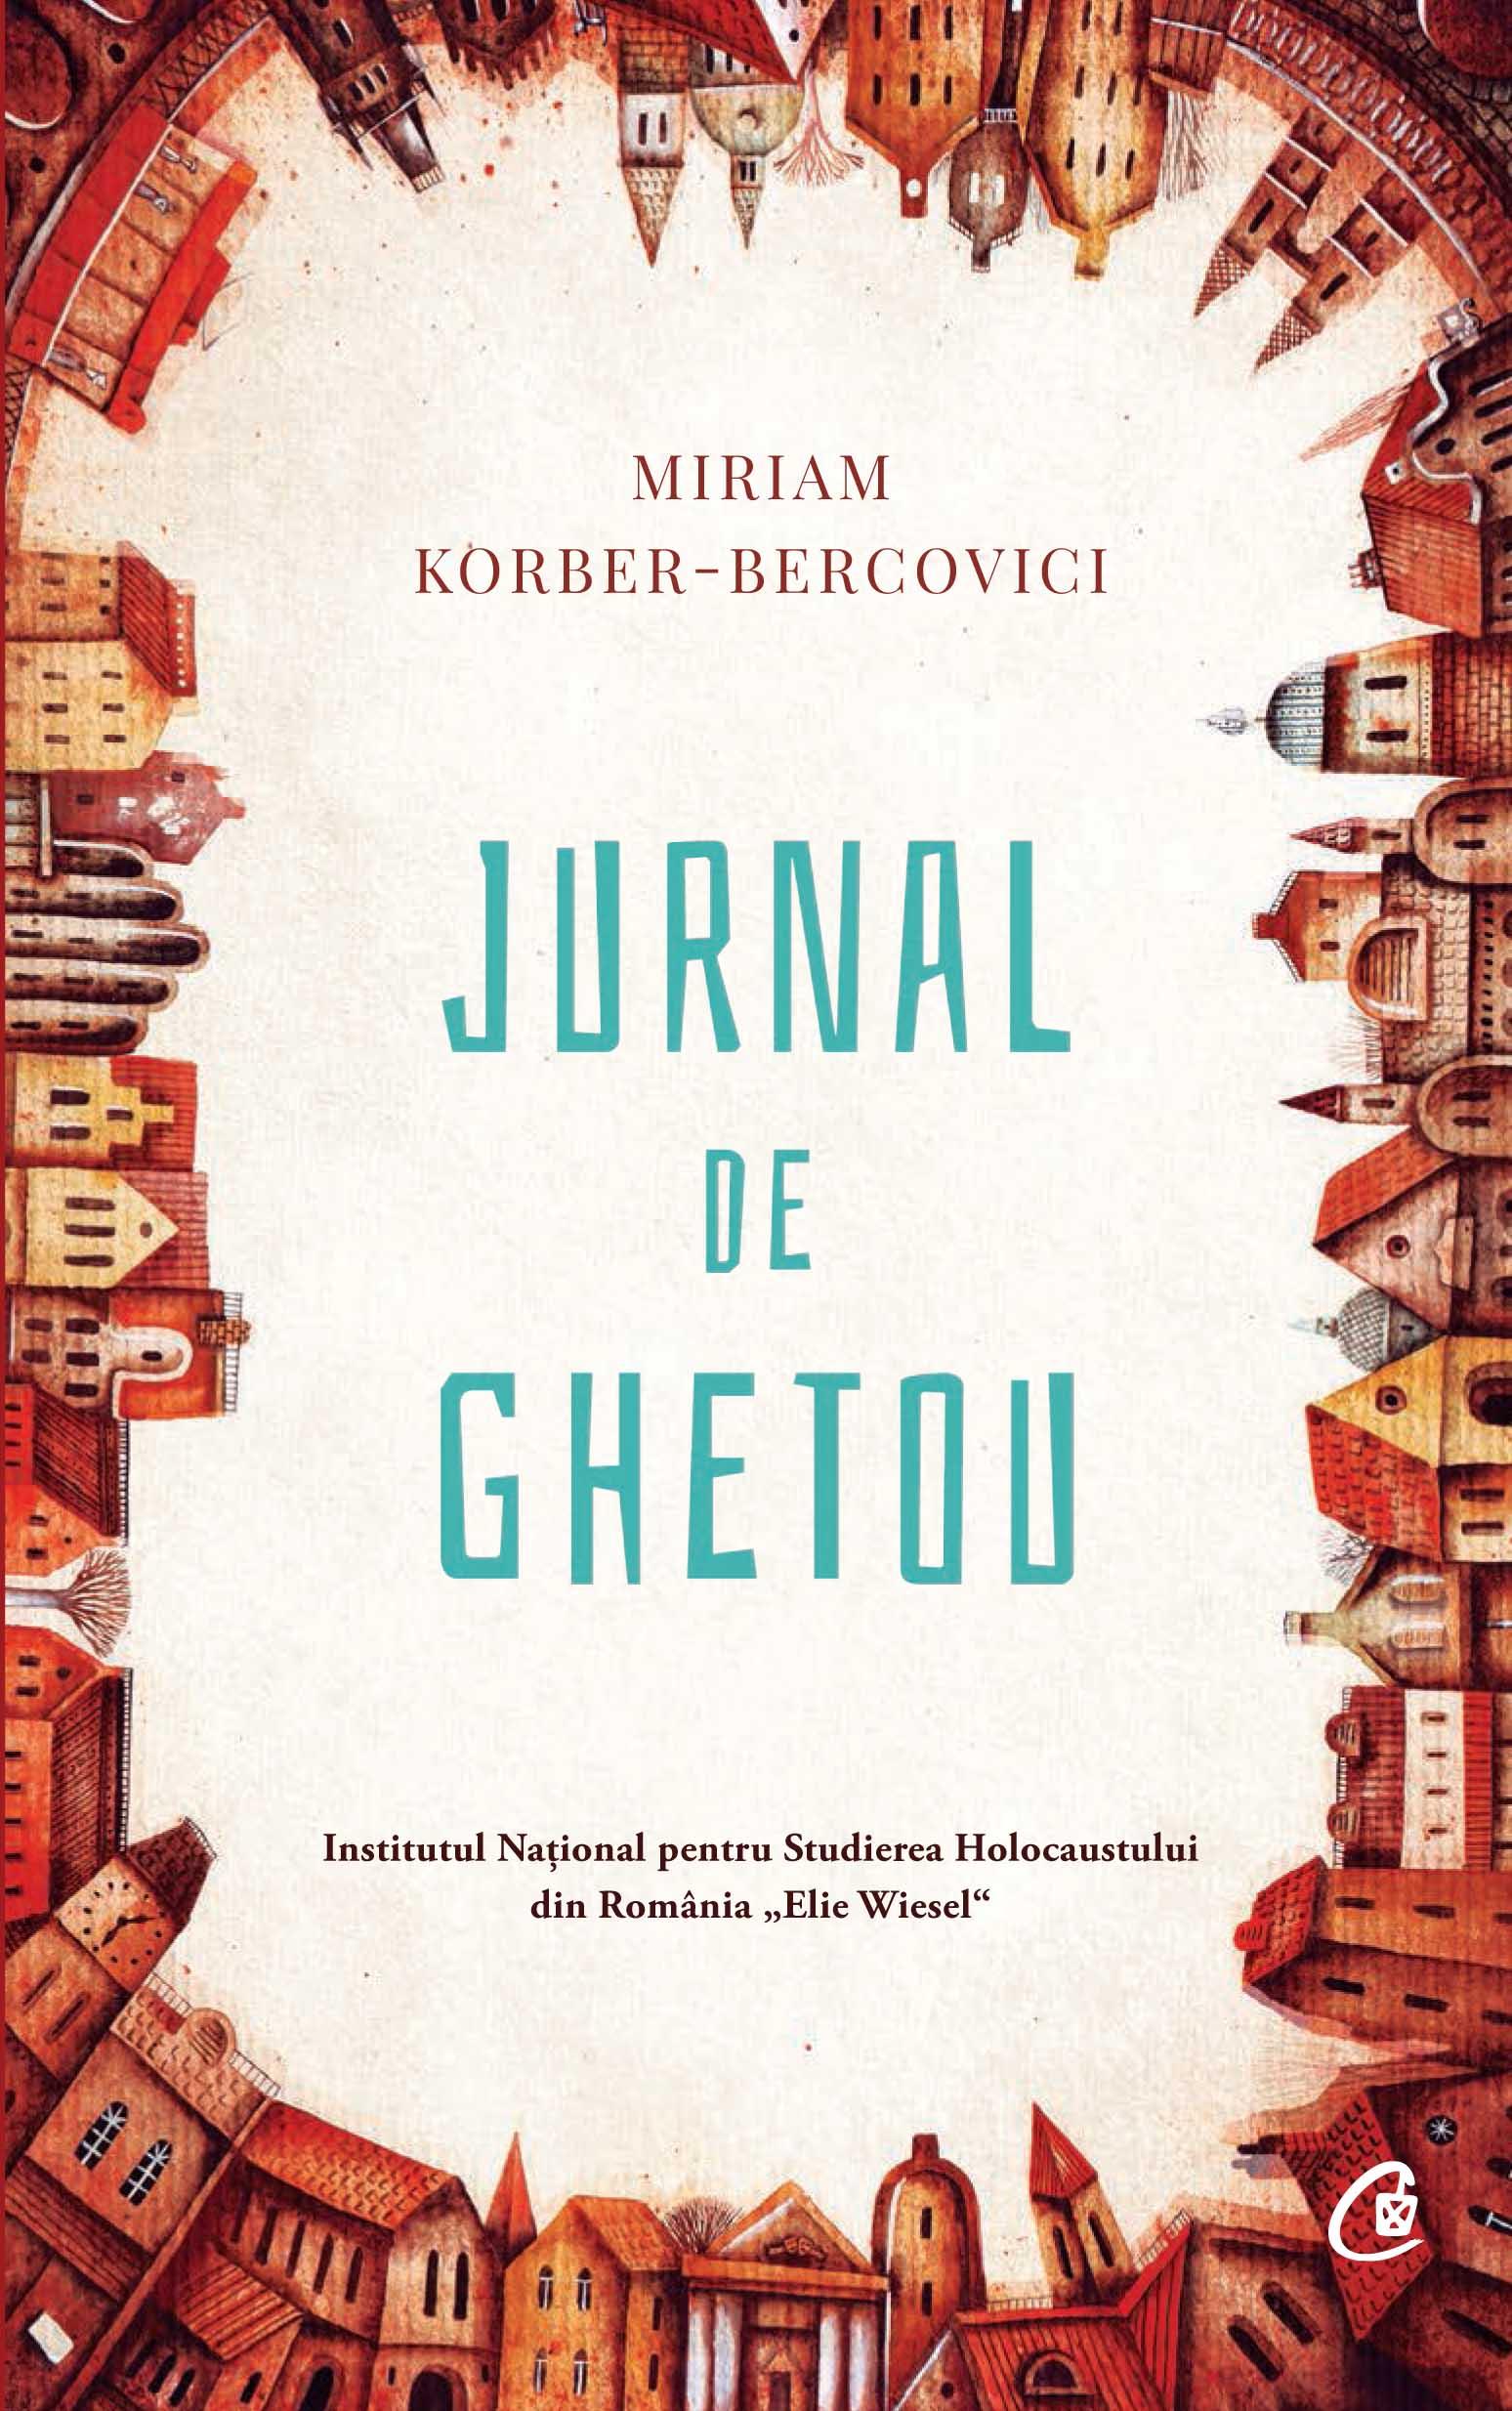 Jurnal de Ghetou